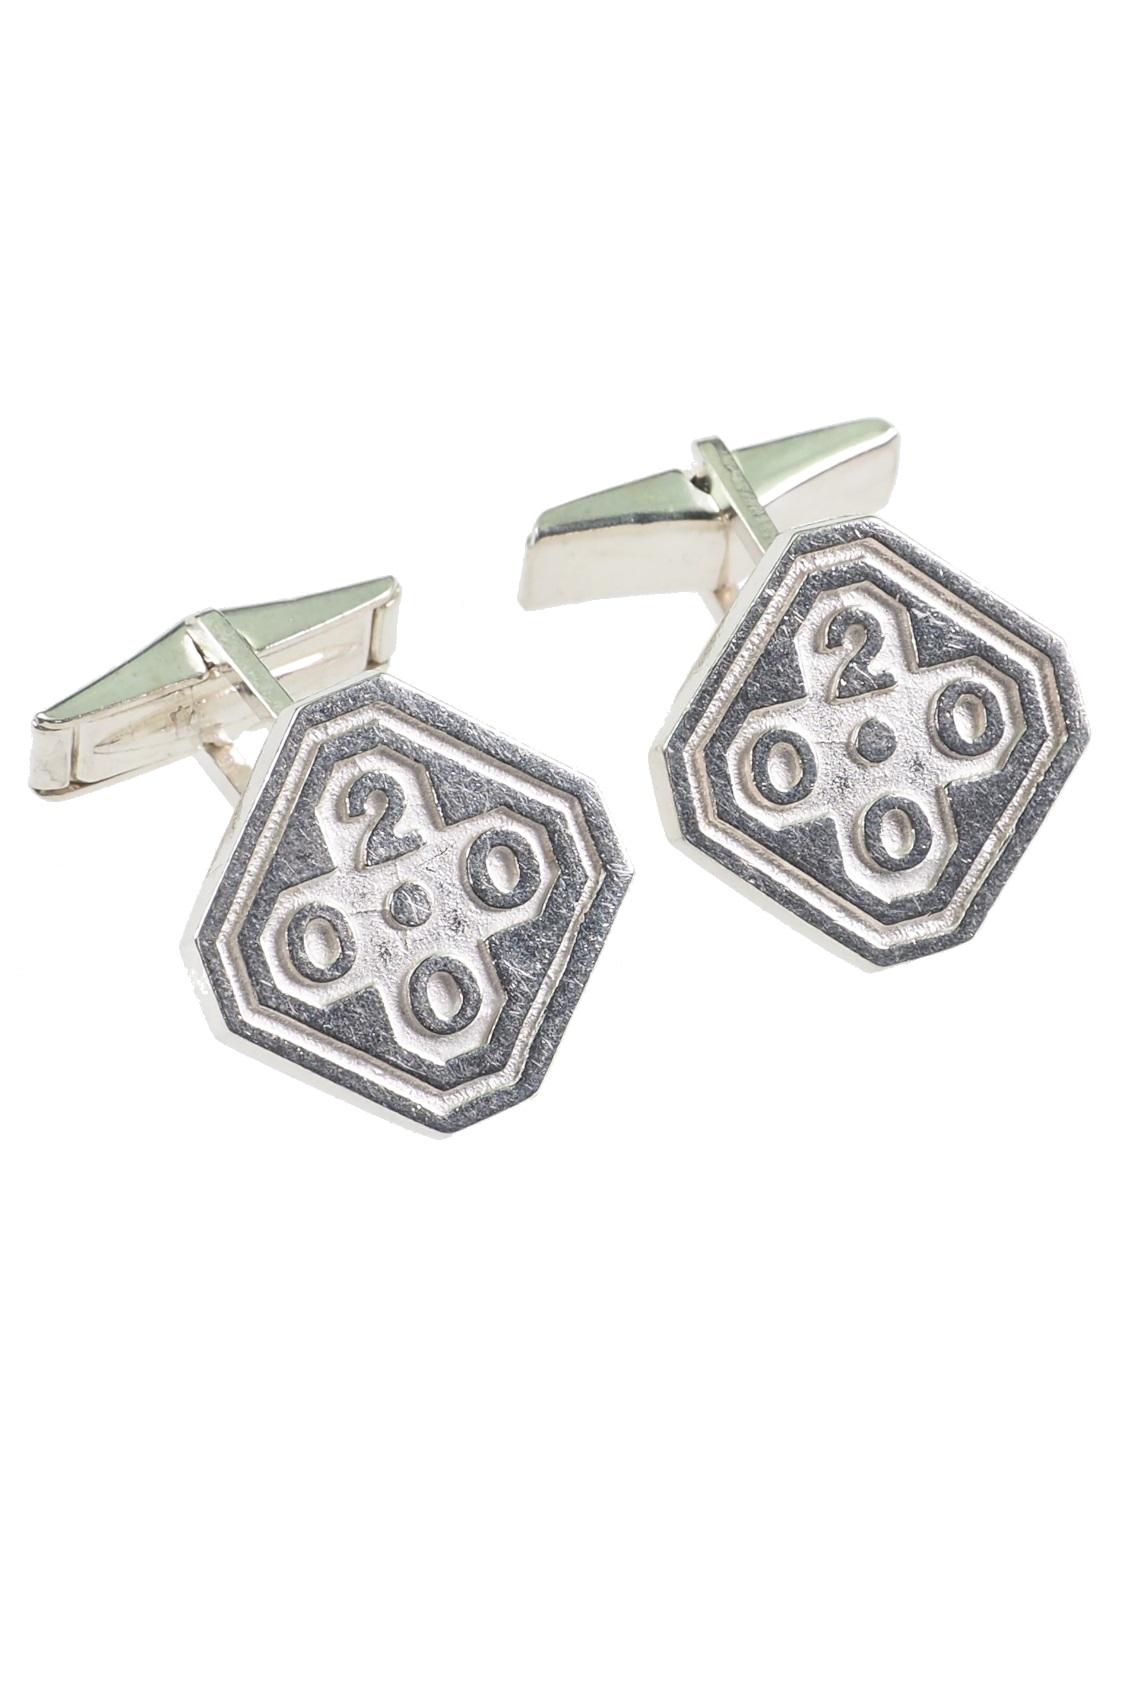 antiken-Silberschmuck-kaufen-M1900